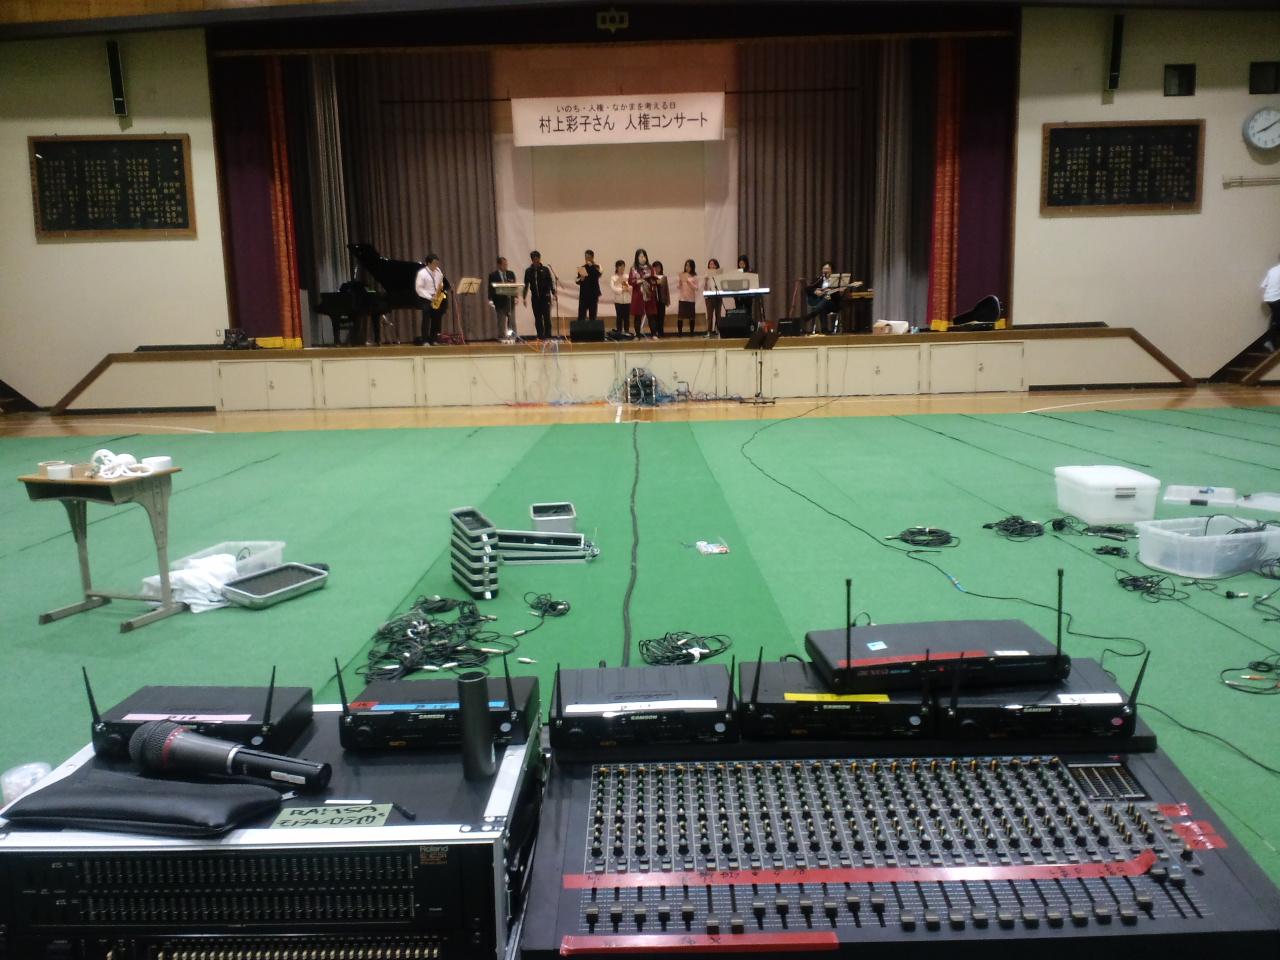 学校の体育館の音響設備でのコンサートなんて、私はどうしても許せません_d0136506_22582317.jpg